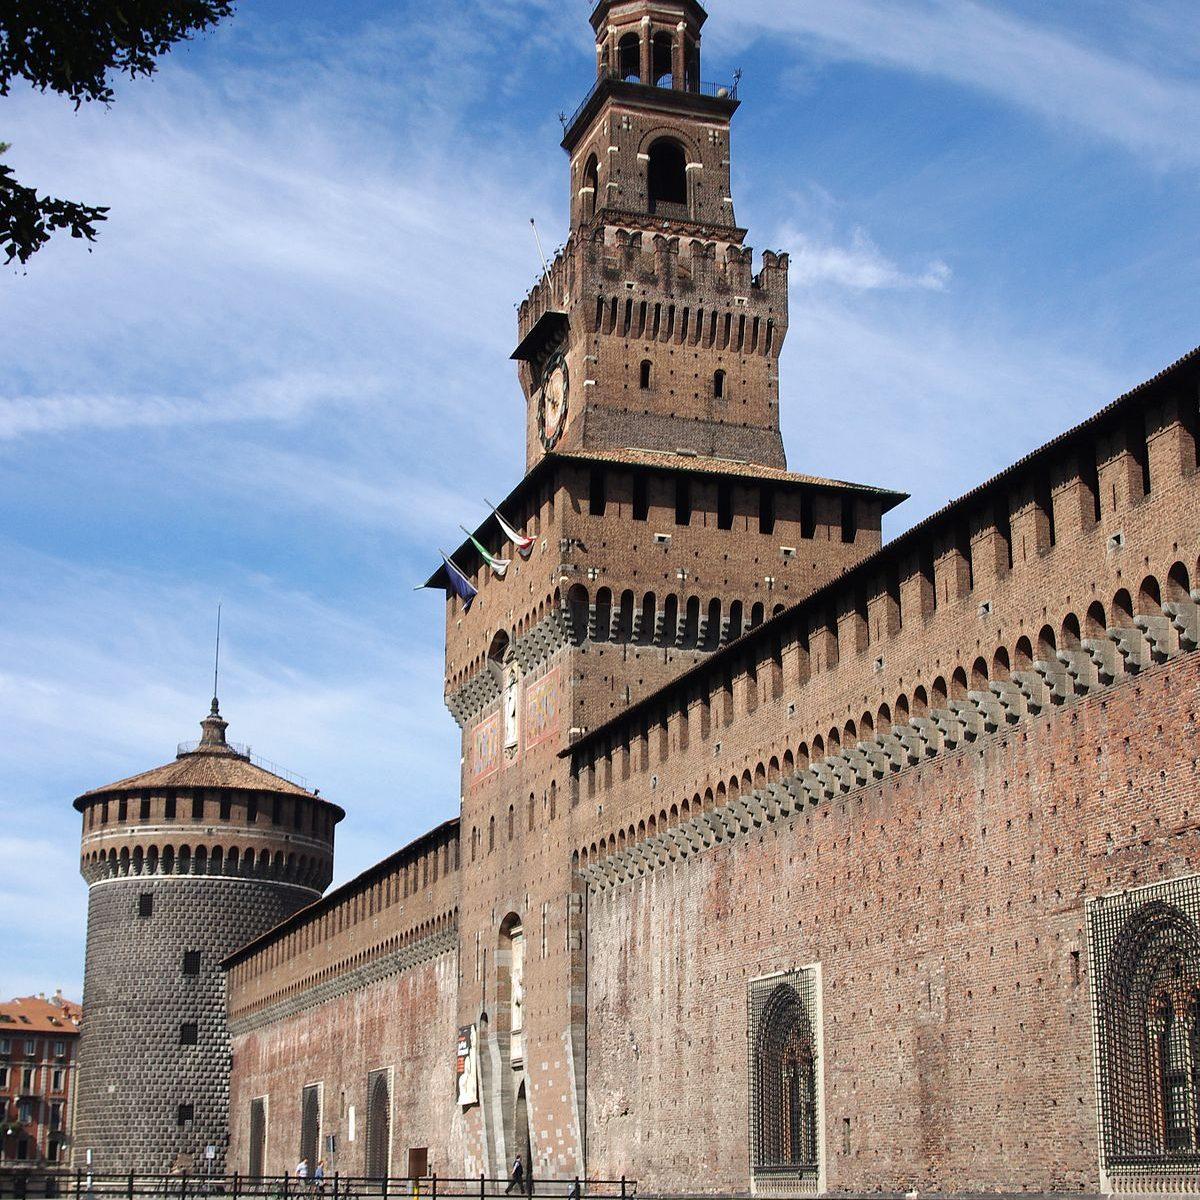 1200px-20110725_castello_sforzesco_milan_5557